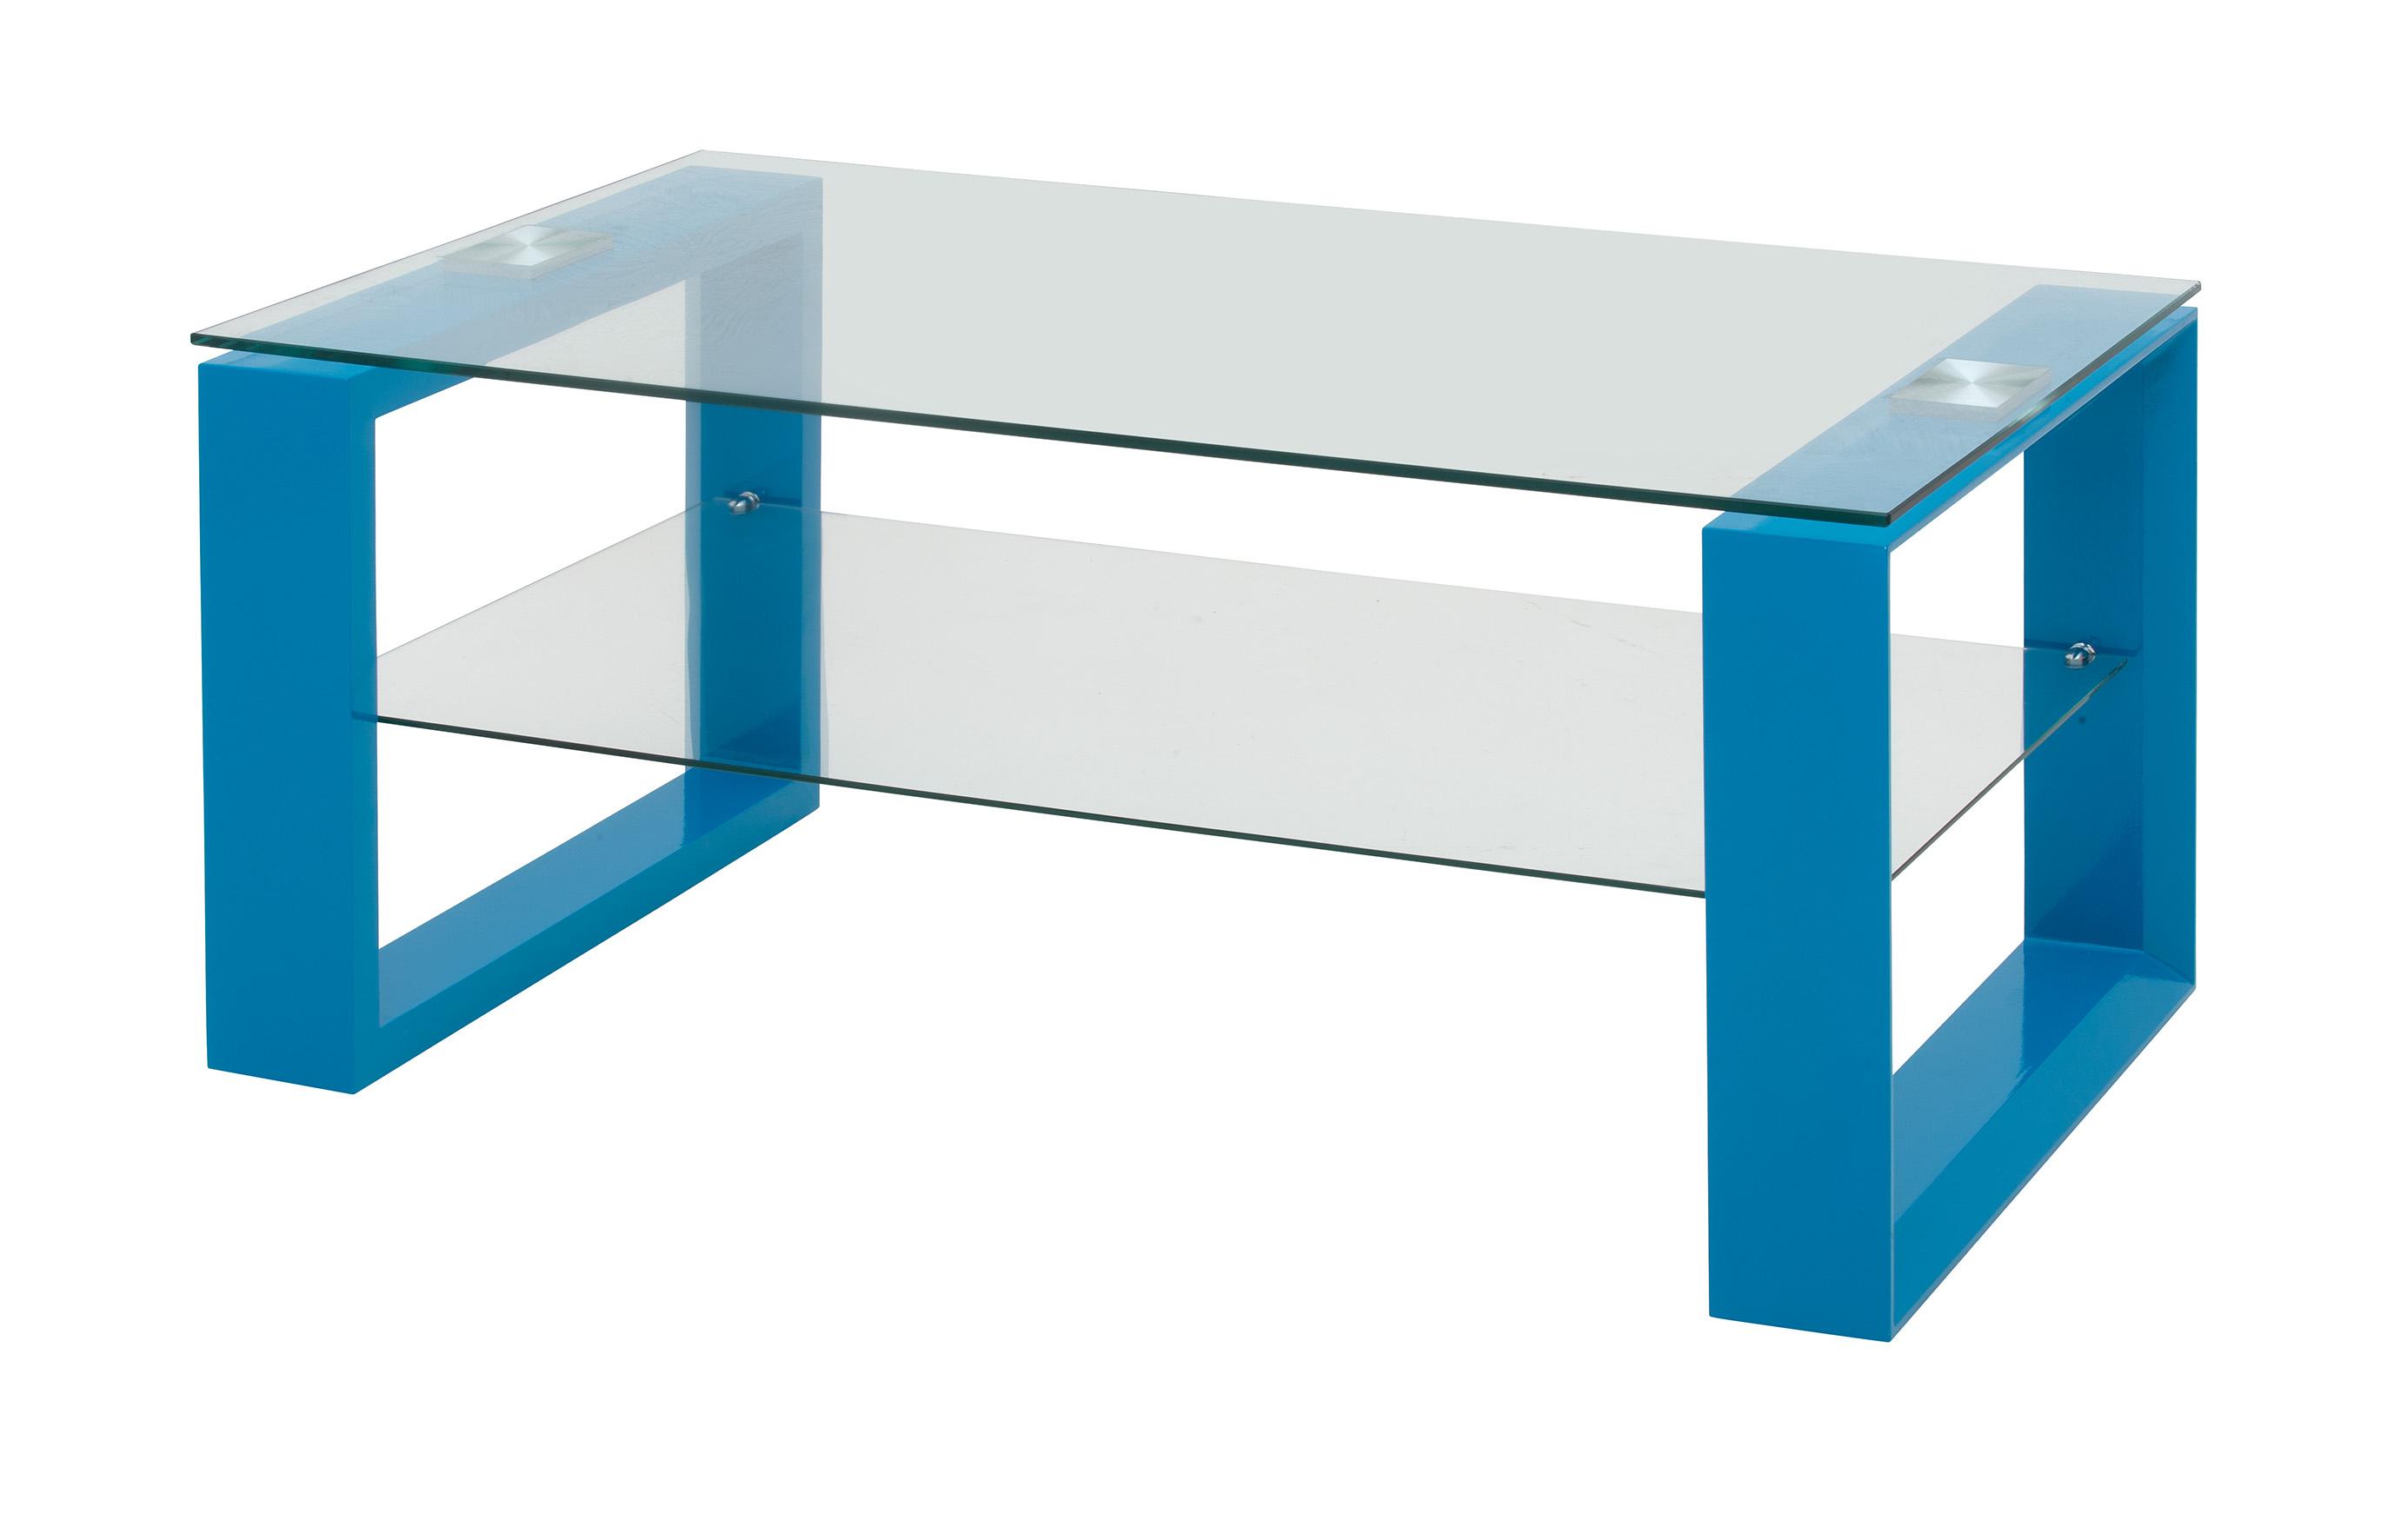 table basse design bois et verre bleu laqu loudvika. Black Bedroom Furniture Sets. Home Design Ideas